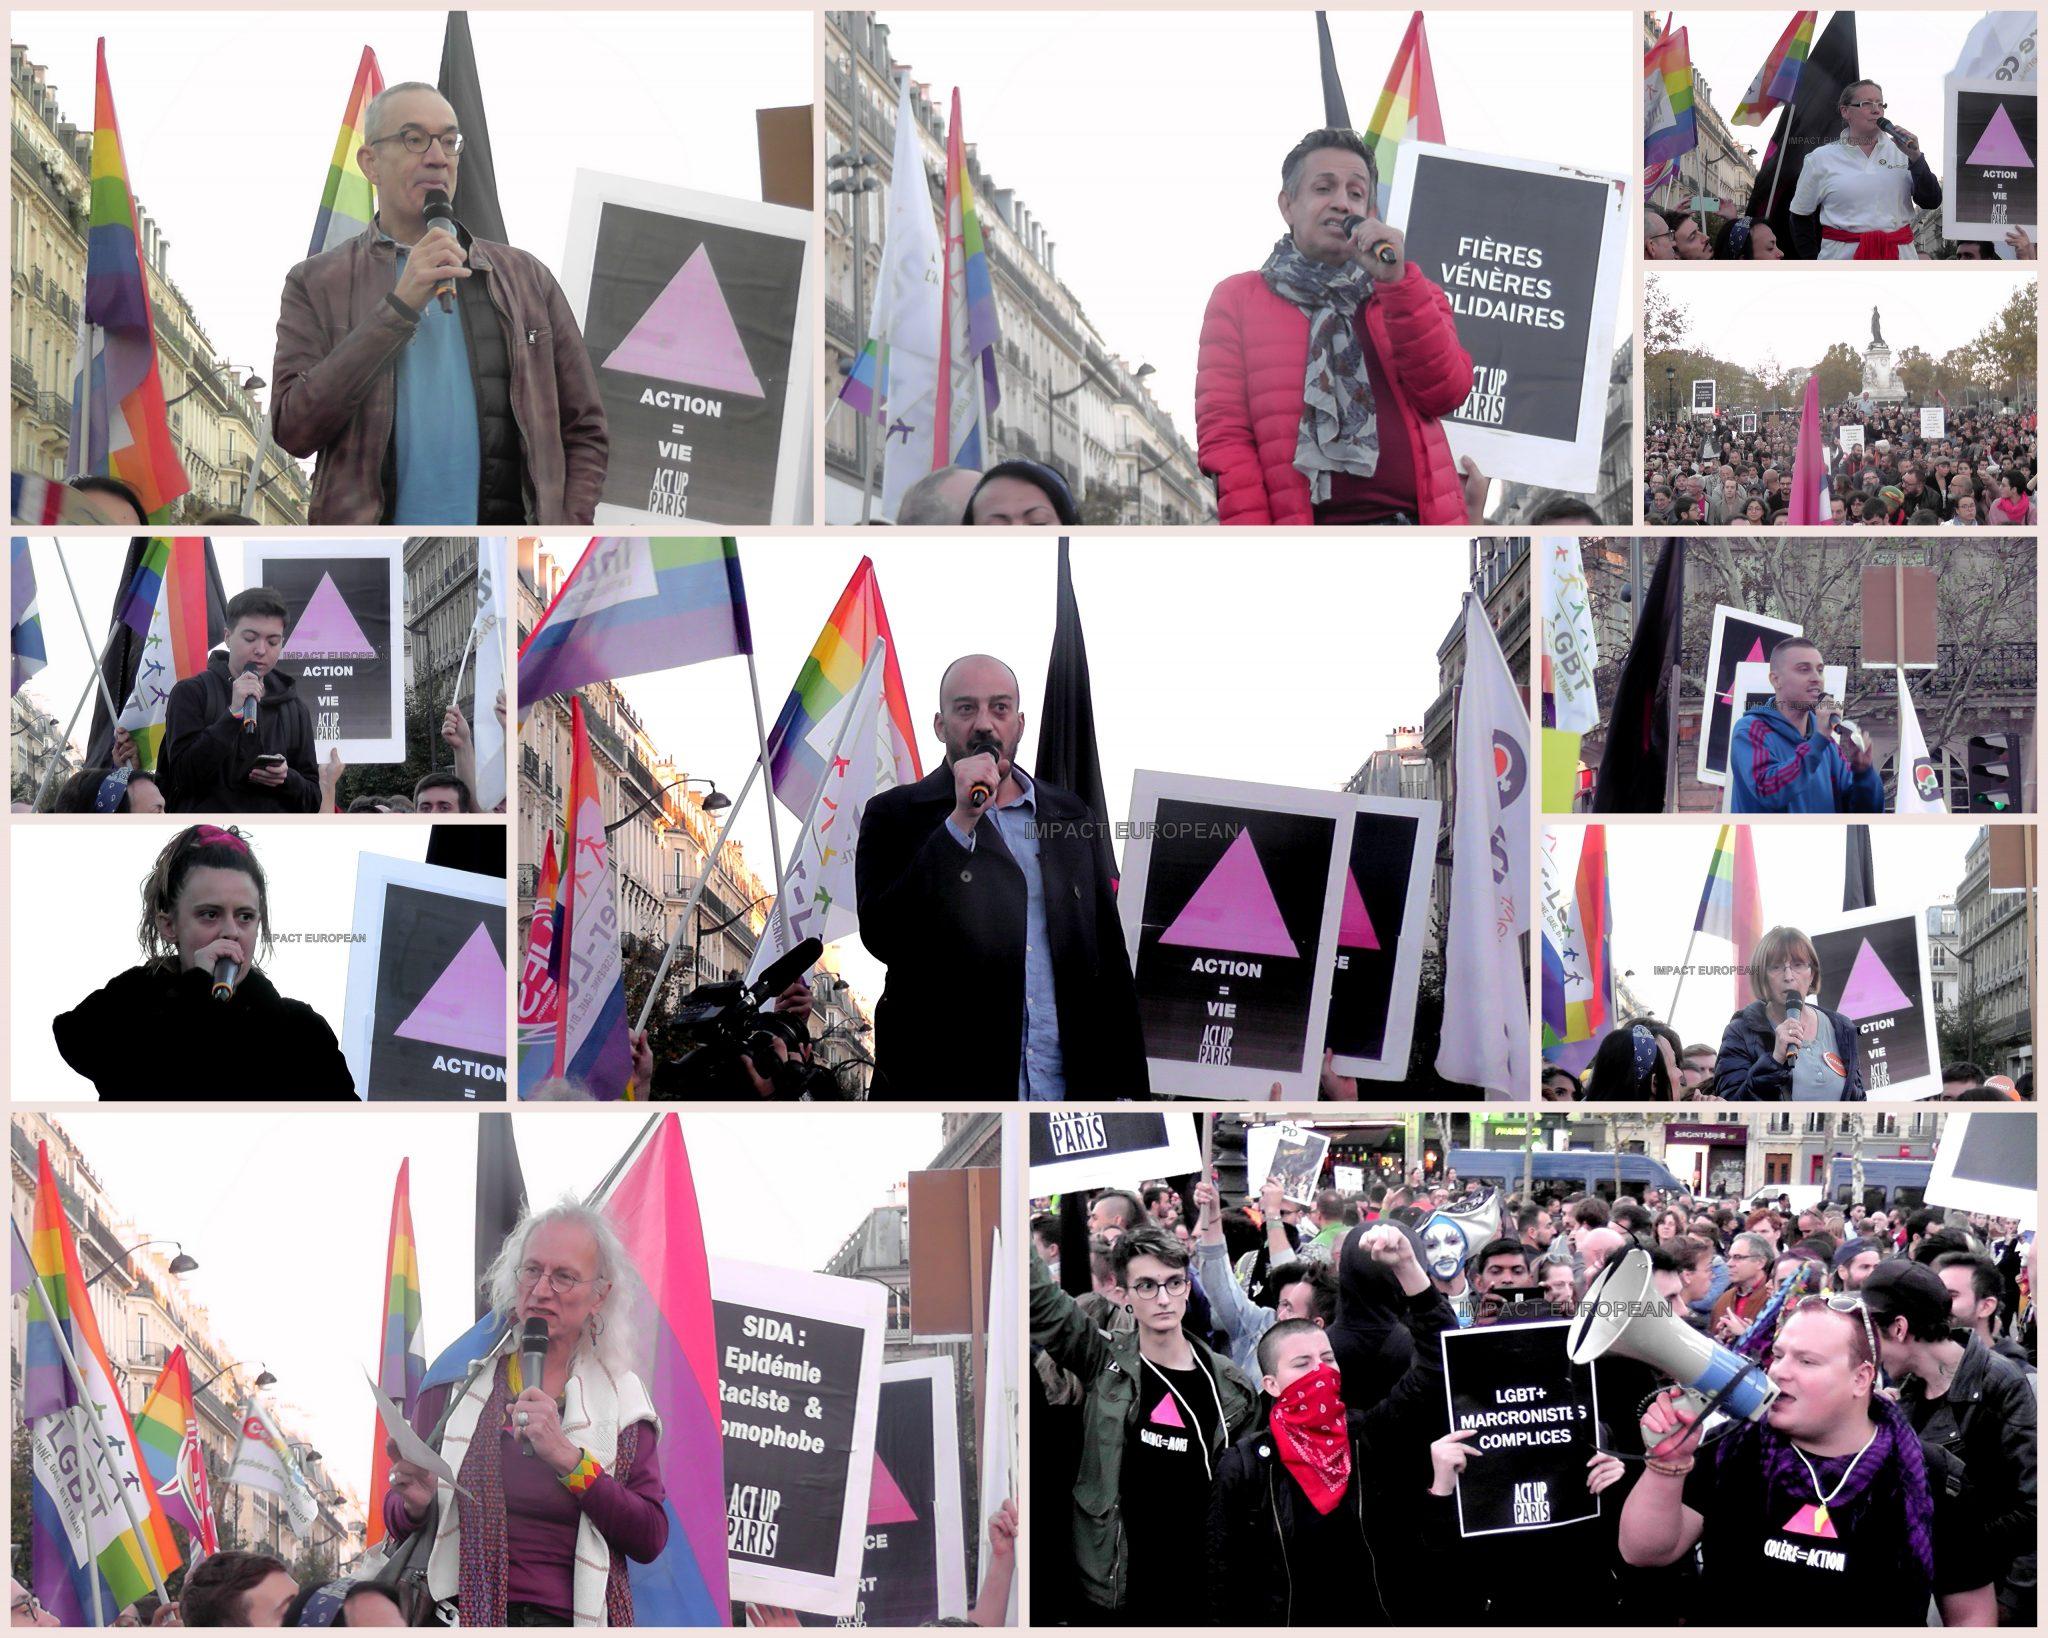 PARIS: Un grand rassemblement contre les violences homophobes s'est déroulé ce dimanche place de la République